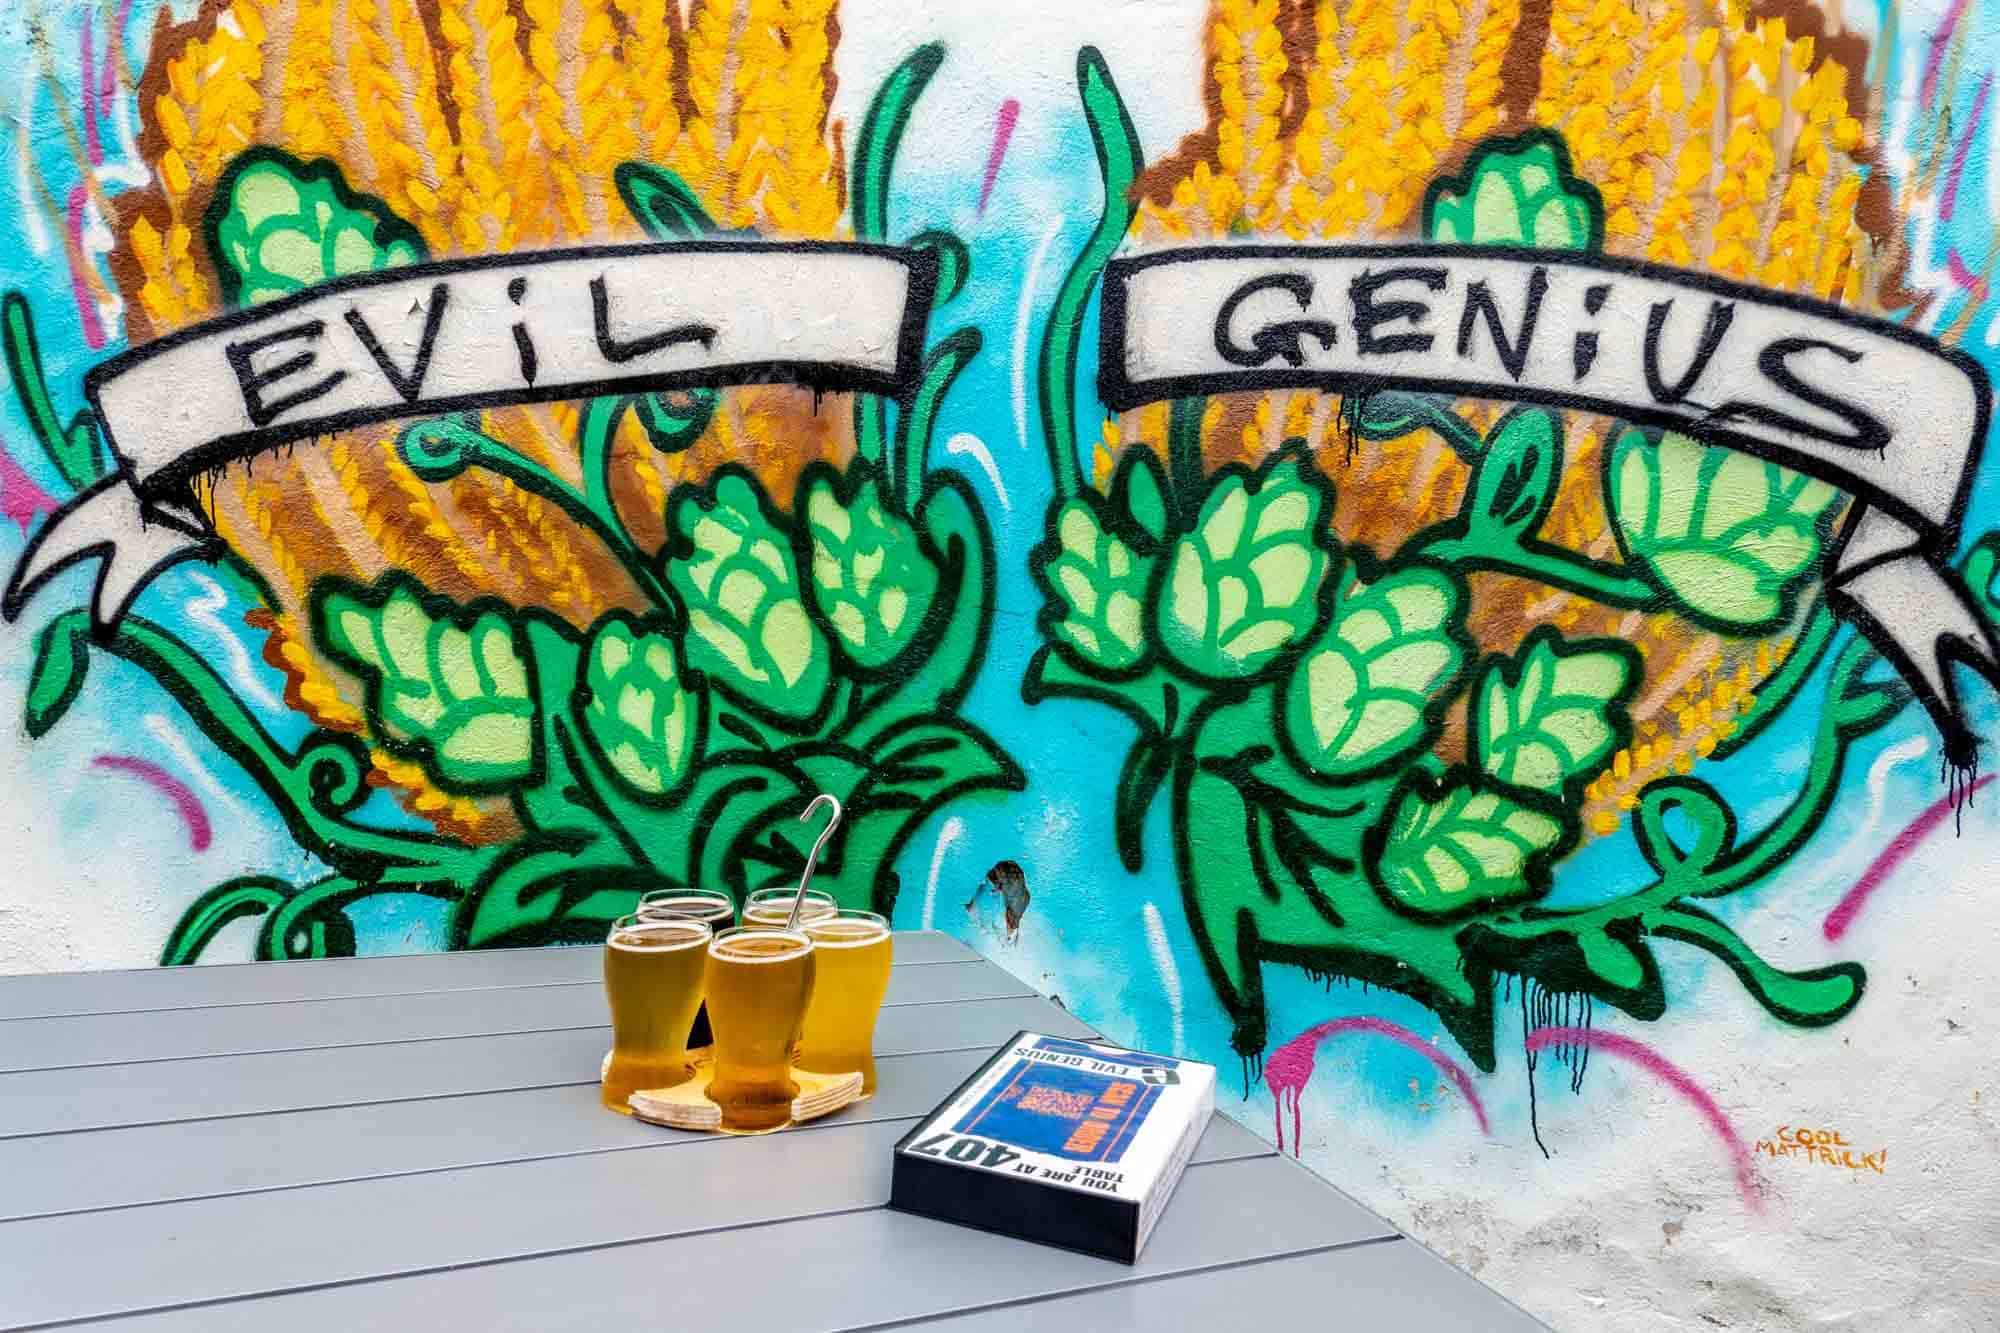 Beer tasting flight on table in front of Evil Genius mural